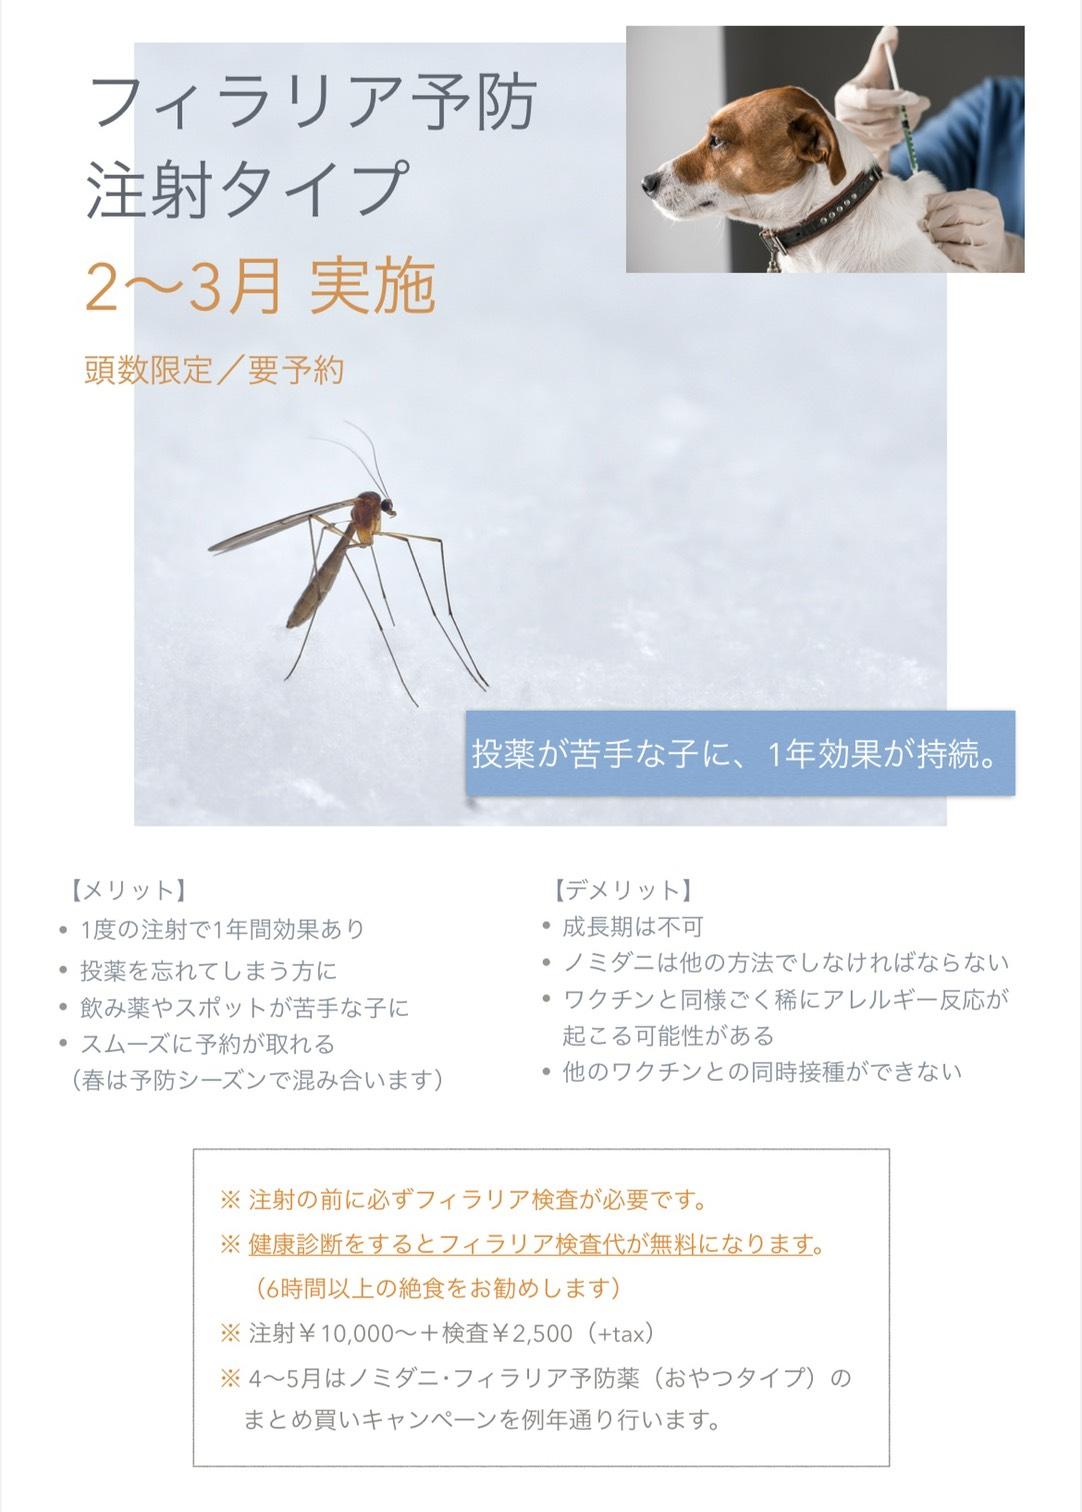 [2〜3月限定]フィラリア予防注射予約受付中